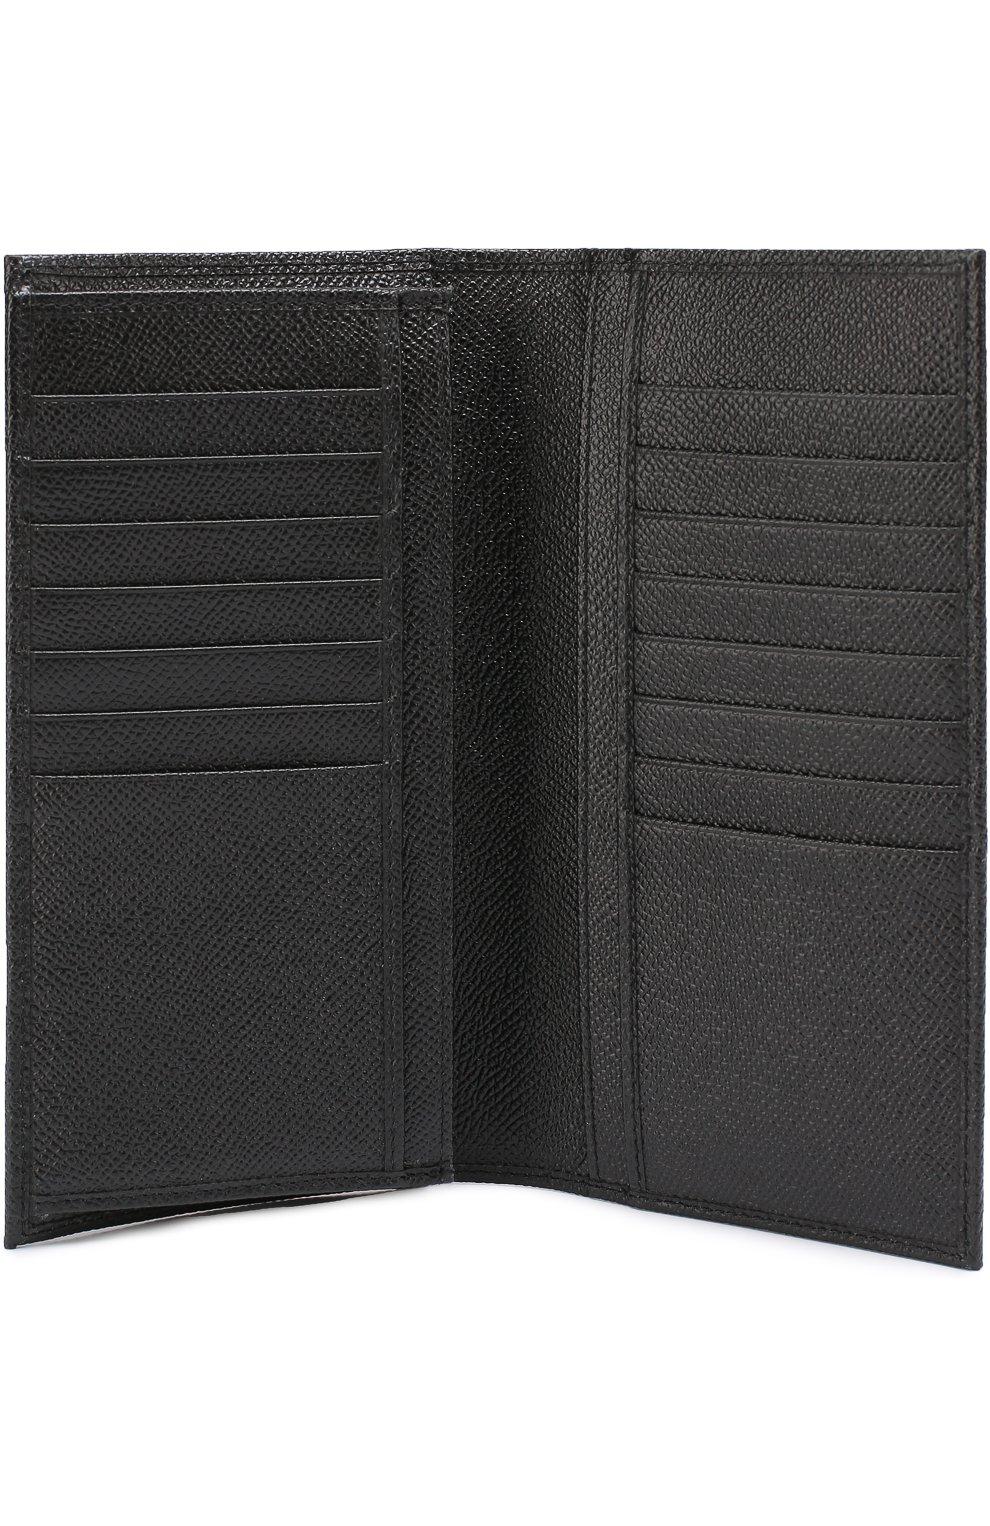 Кожаное портмоне с отделениями для кредитный карт Dolce & Gabbana черного цвета | Фото №3